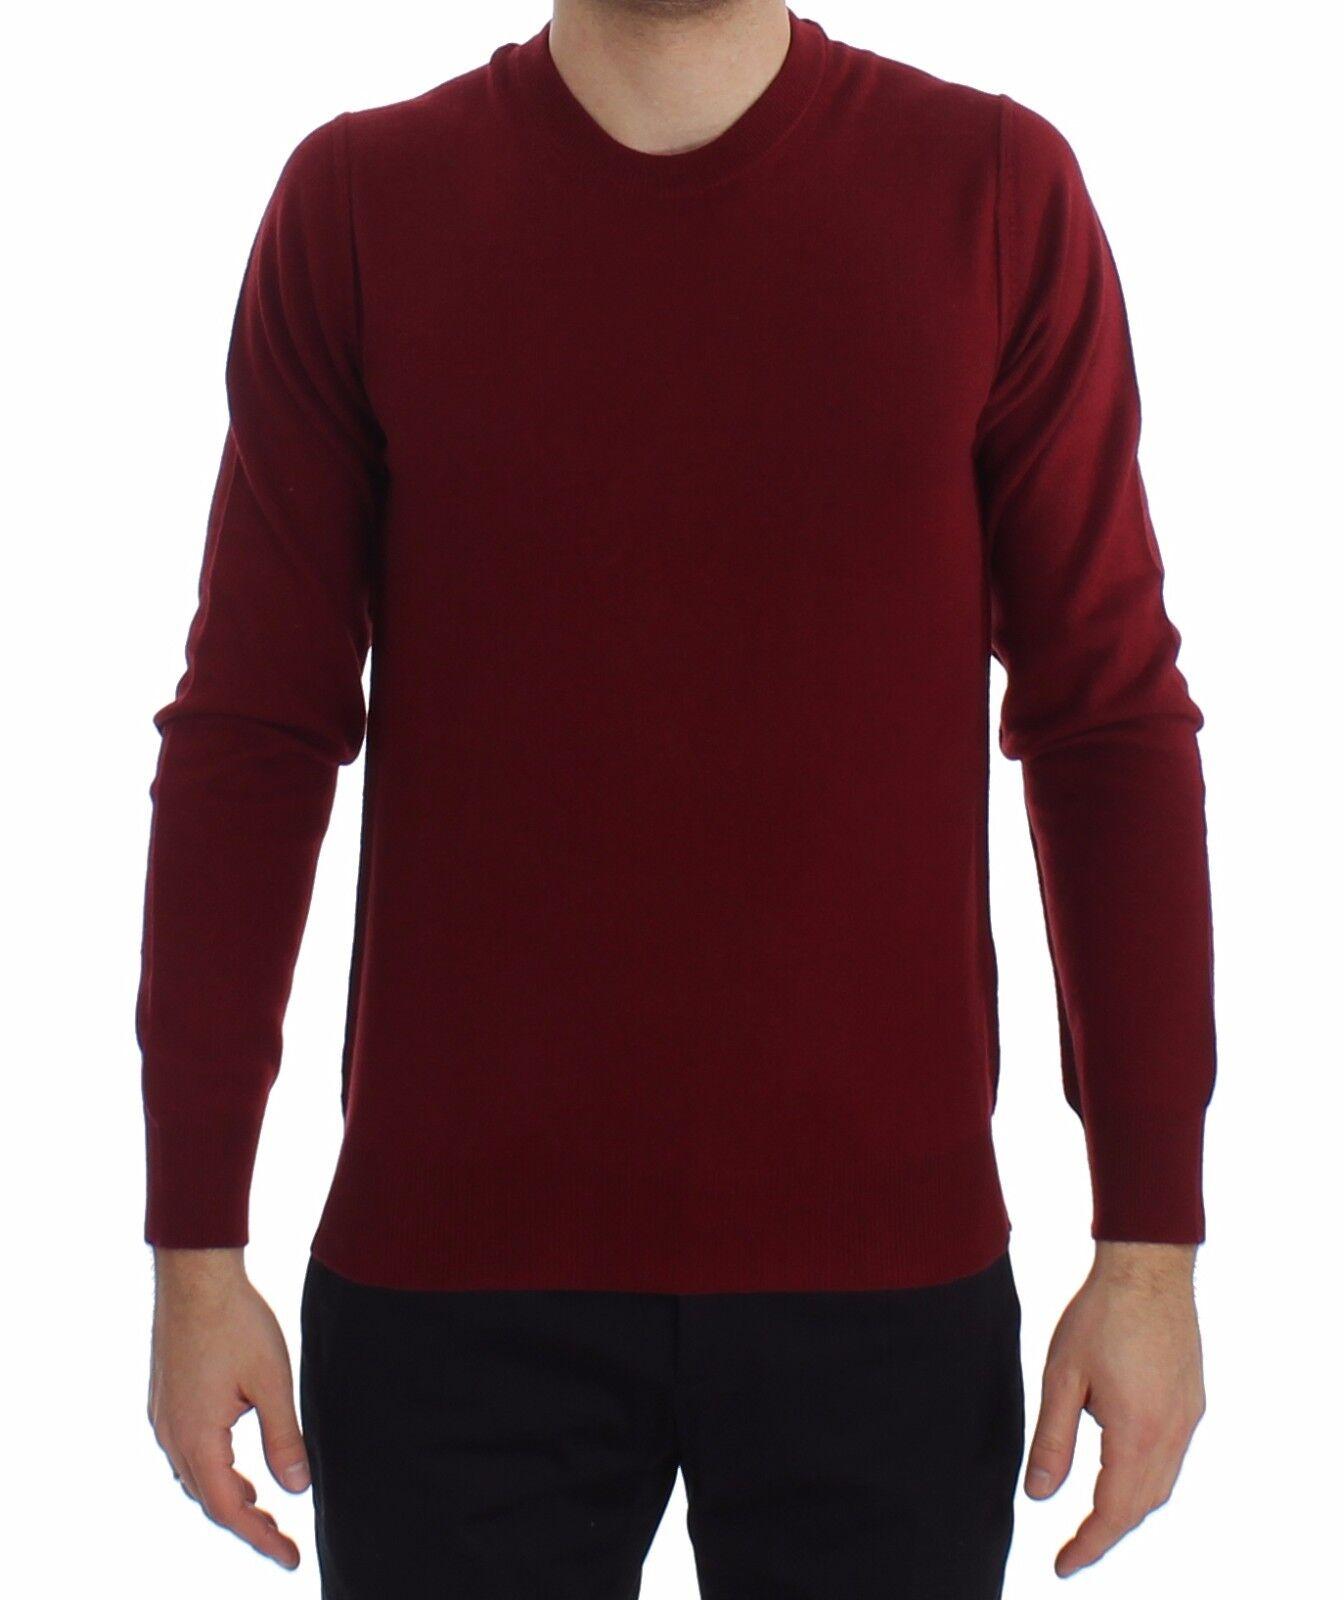 Nuovo Dolce & Gabbana Maglione Rosso Cashmere Girocollo Maglione IT54 /US44/ XL